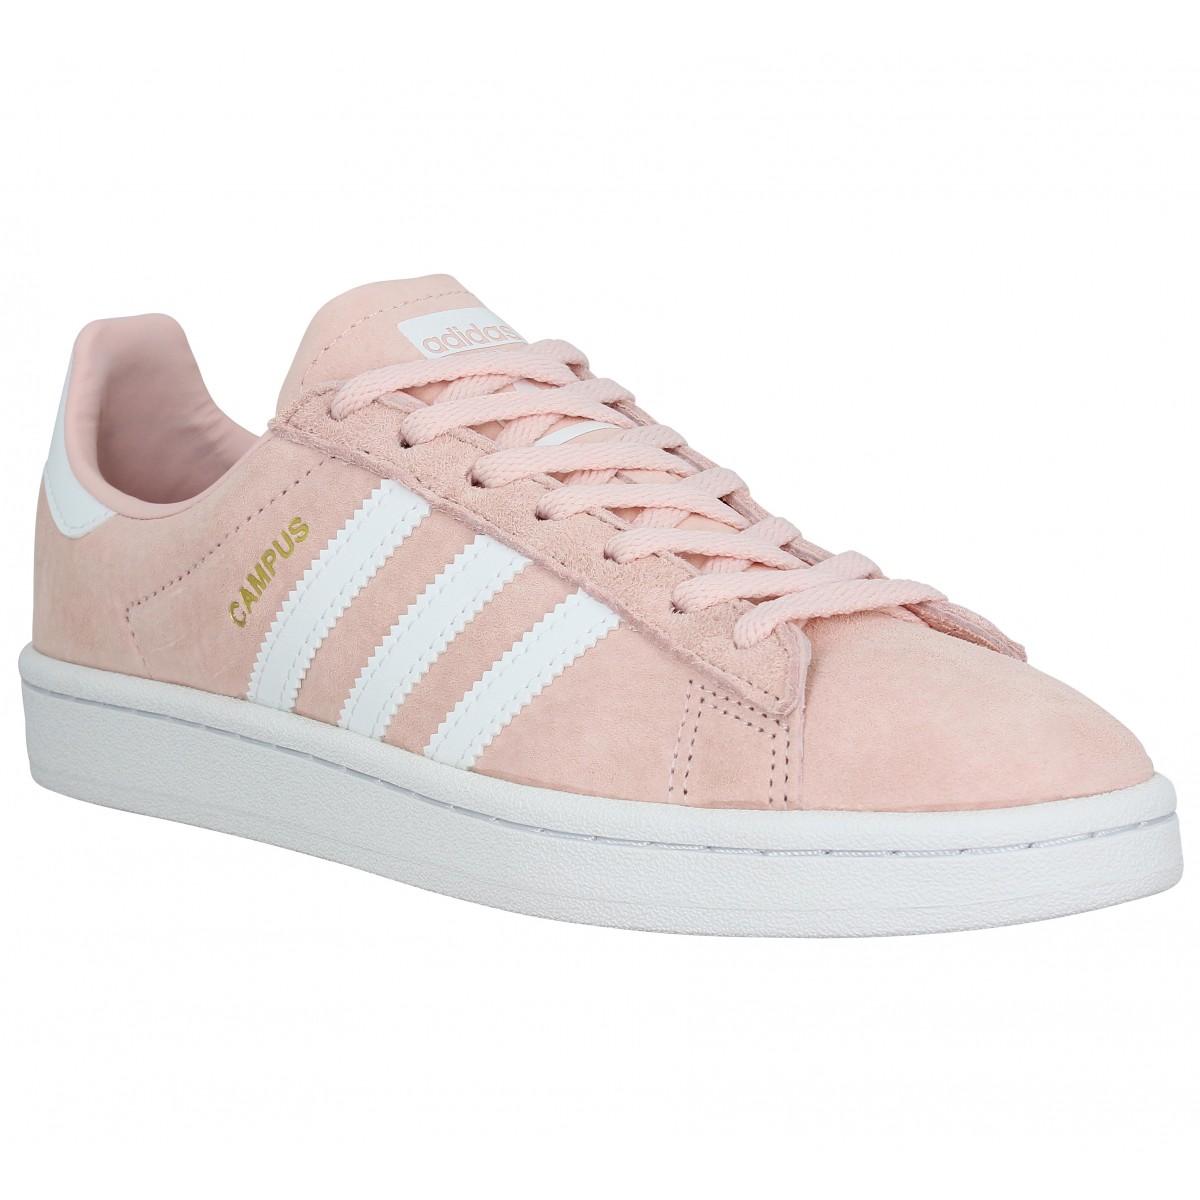 Adidas Femme Campus Velours -40 2/3-rose